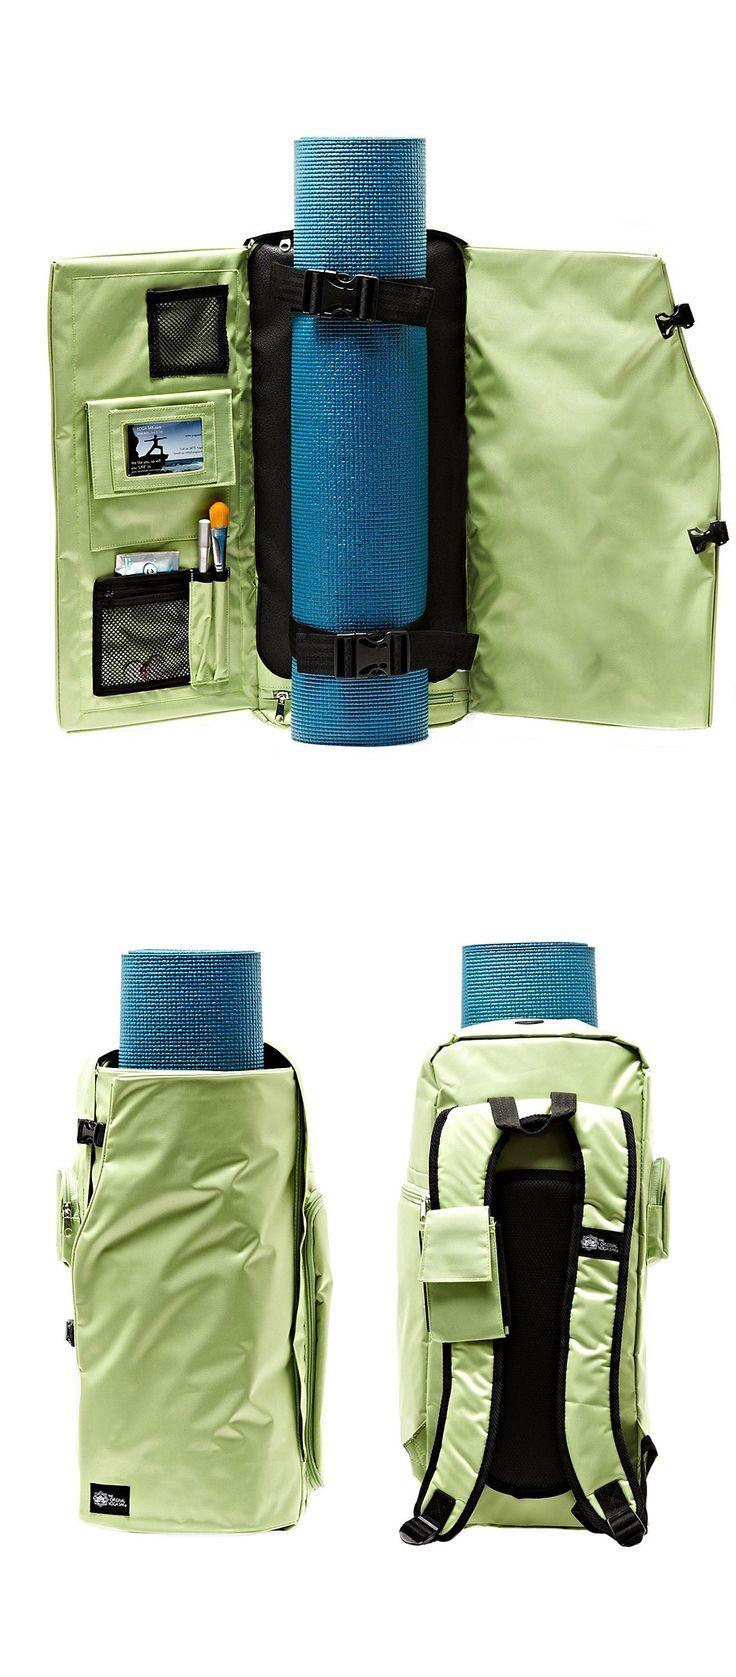 Yoga Backpack + storage